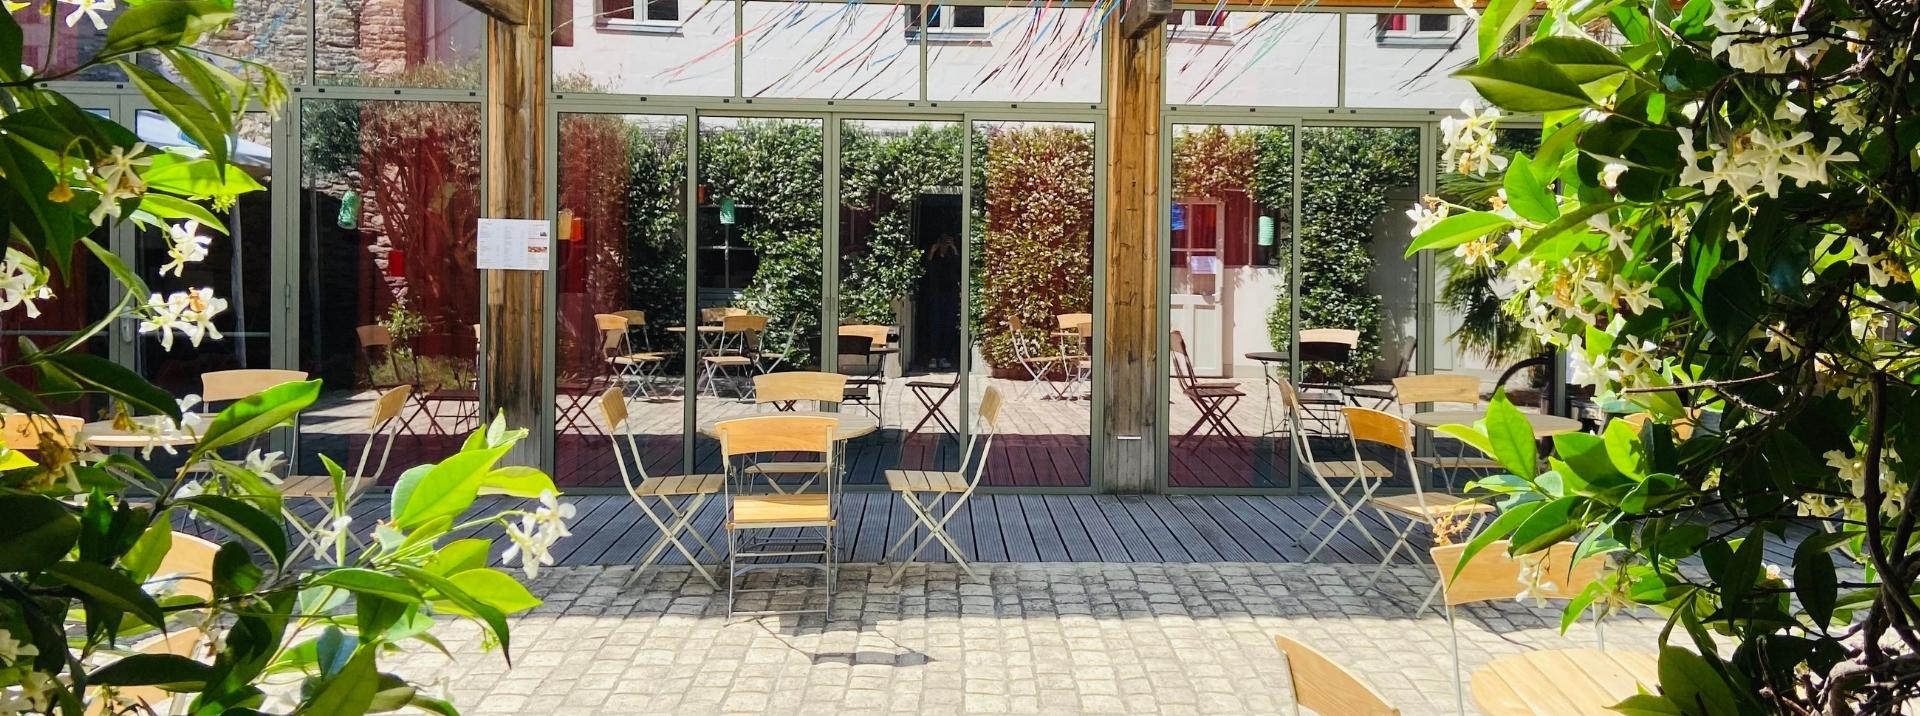 bar à nantes, terrasse café nantes, Bar Nantes, Soirées, Cocktails, Tapas, Bières, Bars, Déguster, Apéro, Cocktail, Boissons, Cosy, Lounge, Boire un verre, Meilleurs bars, Soirs, Bar, Siroter, Spiritueux, Pour-boire, Minuit, Bistrot, Bar à vin, Chaleureuse, Happy hour, Barman, Ouvert tous les jours, Cafés, Charcuterie, Bar à vins, Verre de vin, Prendre un verre, Intimiste, Vendredi et samedi, Insolite, Restaurant-bar, Terrasses, Carte des cocktails, Alcools, Faire la fête, Originaux, Petit bar, Dégustation, Meilleur bar, Vie nocturne, Week-end, Assiettes, Ouvert du mardi au samedi, Convivial, Nombreux bars, Aller boire, Spot, Sirop, Boire un coup, Décontractée, Insolites, Fromages, Conviviale, Aller boire un verre, Bar à cocktail, Afterwork, Musique live, Endroit idéal, Sortir le soir, Vue imprenable, Imprenable, Sélection de vins, Carte des vins, Charcuteries, Boire un cocktail, Sans alcool, Privatiser, Pinte, Bonne ambiance, Nocturne, Le comptoir, Festive, Sortir prendre un verre, Prendre un verre au bar, Produits frais, Prendre un verre entre amis, Atypique, Apéritif, Karaoké, Dédicaces de stars, Bonnes adresses, Ambiances, Allez boire, Boire un verre entre amis, Bar Nantes, Aller prendre un verre, Endroit pour boire, Bar pour boire, Bars et clubs, Soul, Verre le soir, Jus de fruits, Boire un bon verre, Sortir dans les bars, Bar le plus proche, Bar branché, Verre entre amis, Partager un verre, Prendre un verre de vin, Sortir tous les soirs, Passer une soirée, Aller au bar, Aller boire un coup, Sortir tard le soir, Incontournables, Ambiance chaleureuse, Endroits pour sortir, Venir prendre un verre, Artisanales, Ou sortir, Trouve un bar, Salon de thé, Carrer, Sirotant un verre, Savourer, Boire un verre en terrasse, Prendre l apéro, Adresses pour sortir, Aller boire une bière, Fumoir, Guinguette, Crus, Papilles, Verre au bar, Bar ambiance, Bar ouvert, Exotique, Chef barman, Rock n Roll, Bar convivial, Bars et cafés, Bars de la ville, Punch, Aller dans un bar, Venir 